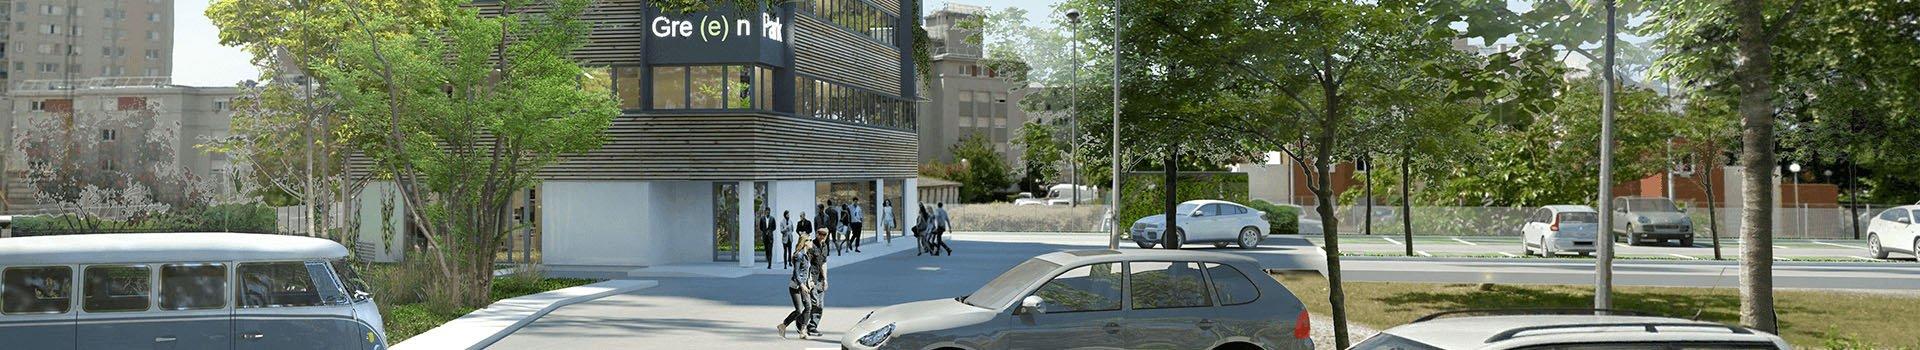 Le projet immobilier GreenPark Talence en réalité augmentée